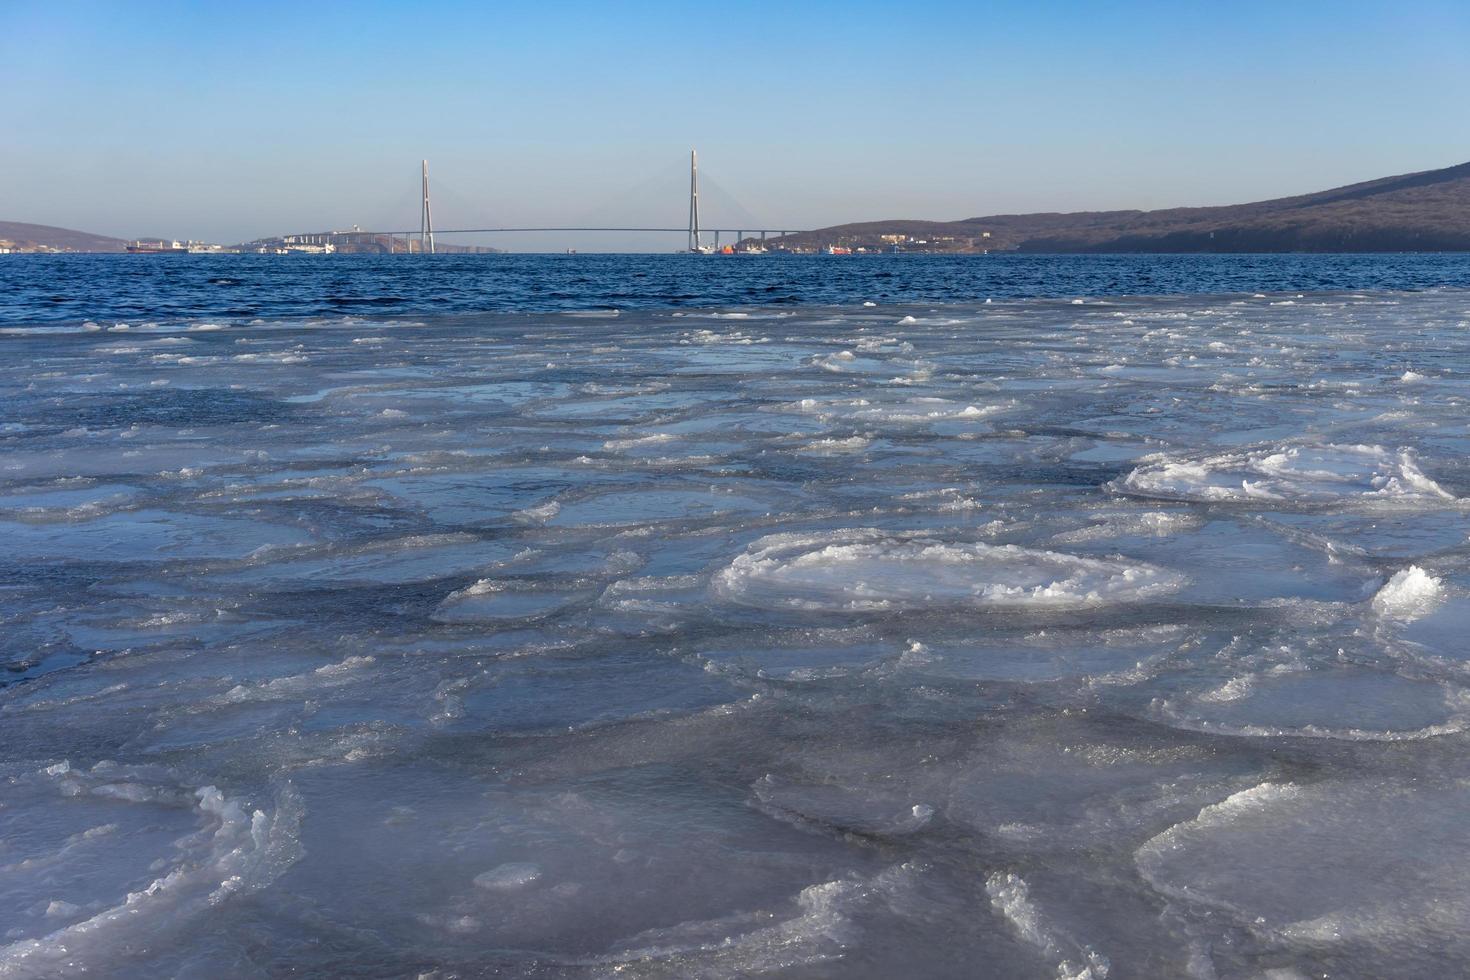 waterlichaam bedekt met ijs en de russky brug op de achtergrond in Vladivostok, Rusland foto